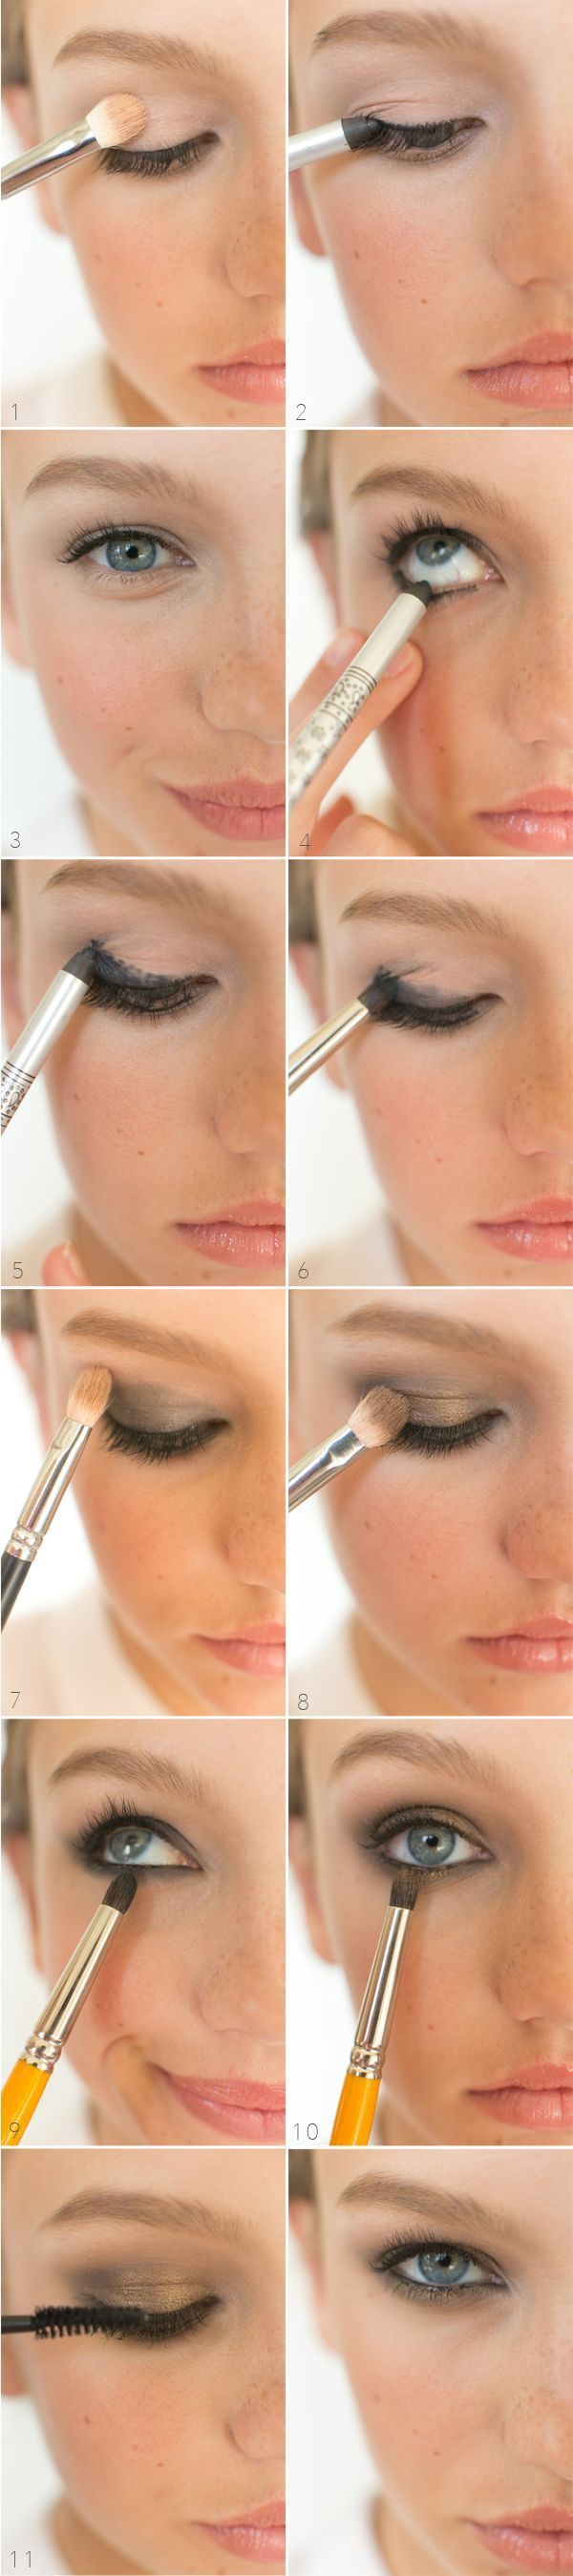 Les 50 Plus Beaux Maquillages Faciles A Faire